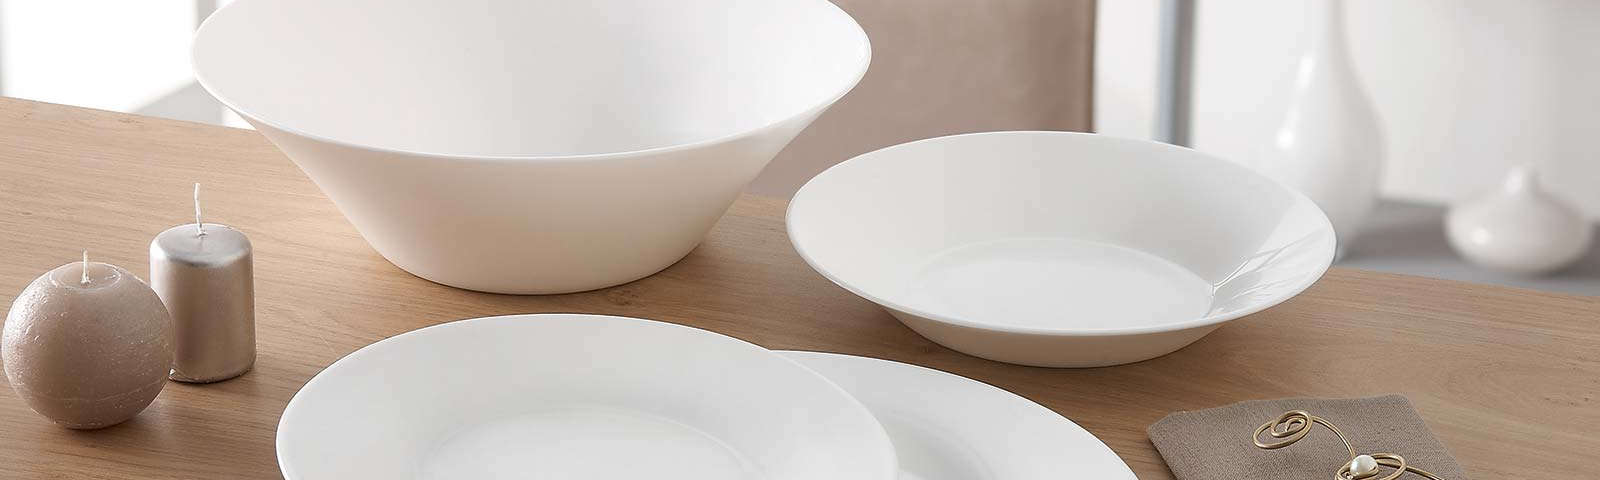 посуда Luminarc фото